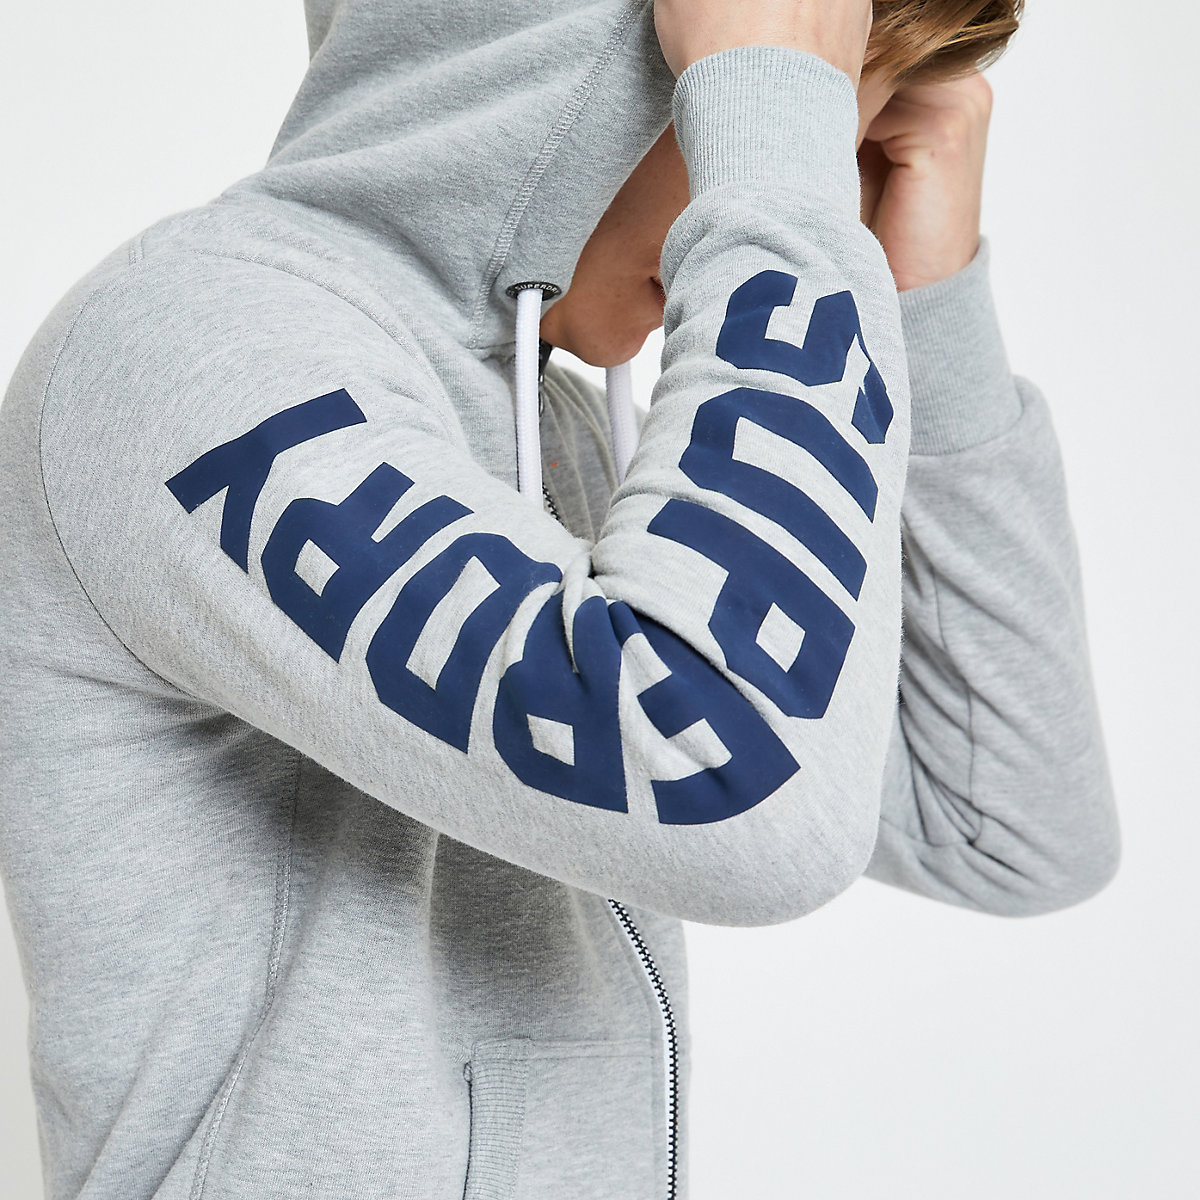 Superdry grey zip up hoodie